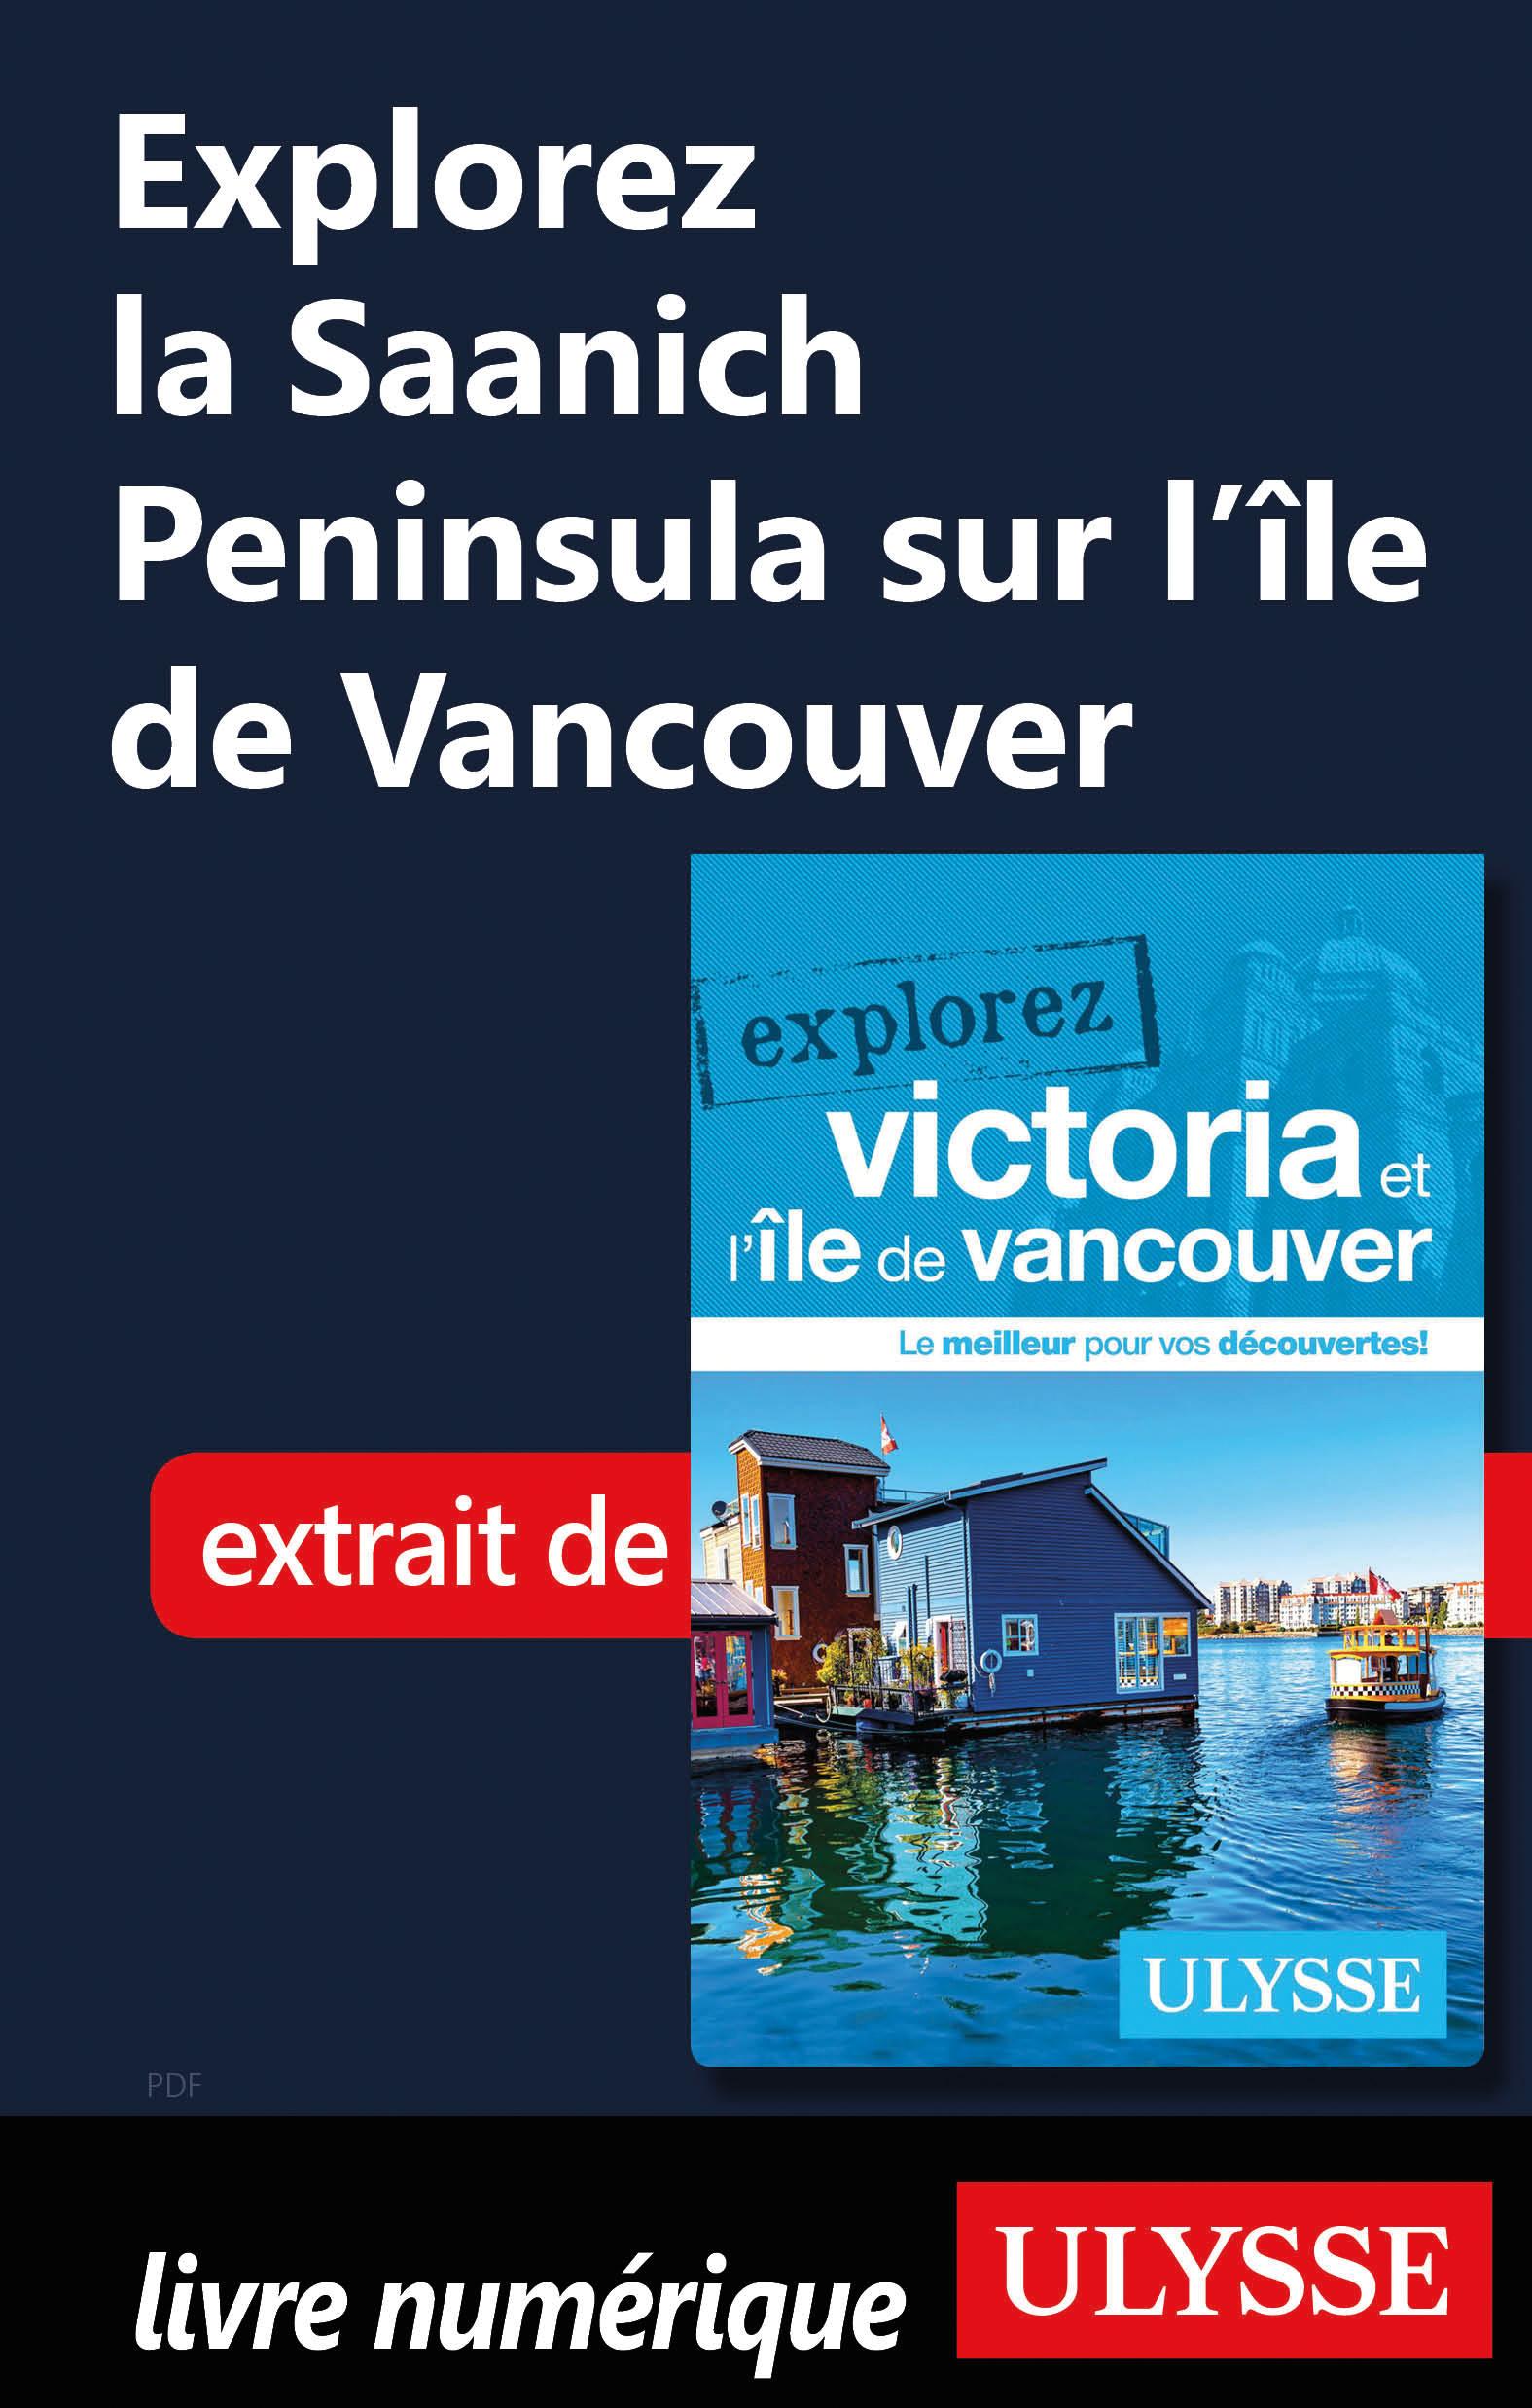 Explorez la Saanich Peninsula sur l'île de Vancouver